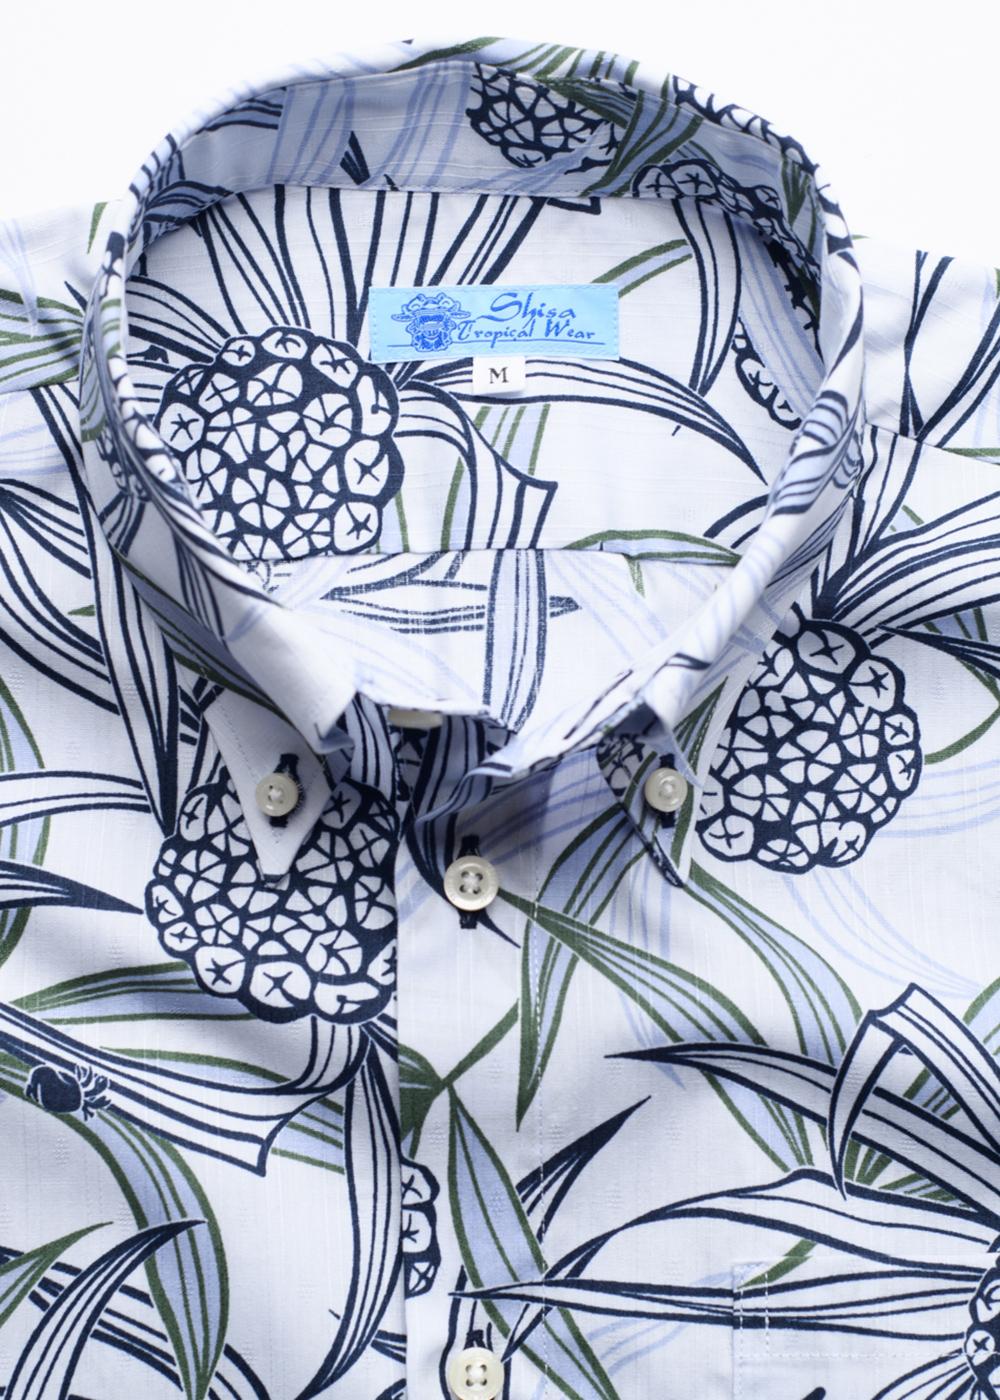 かりゆしウェア(沖縄版アロハシャツ) MAJUN - アダンリーフ